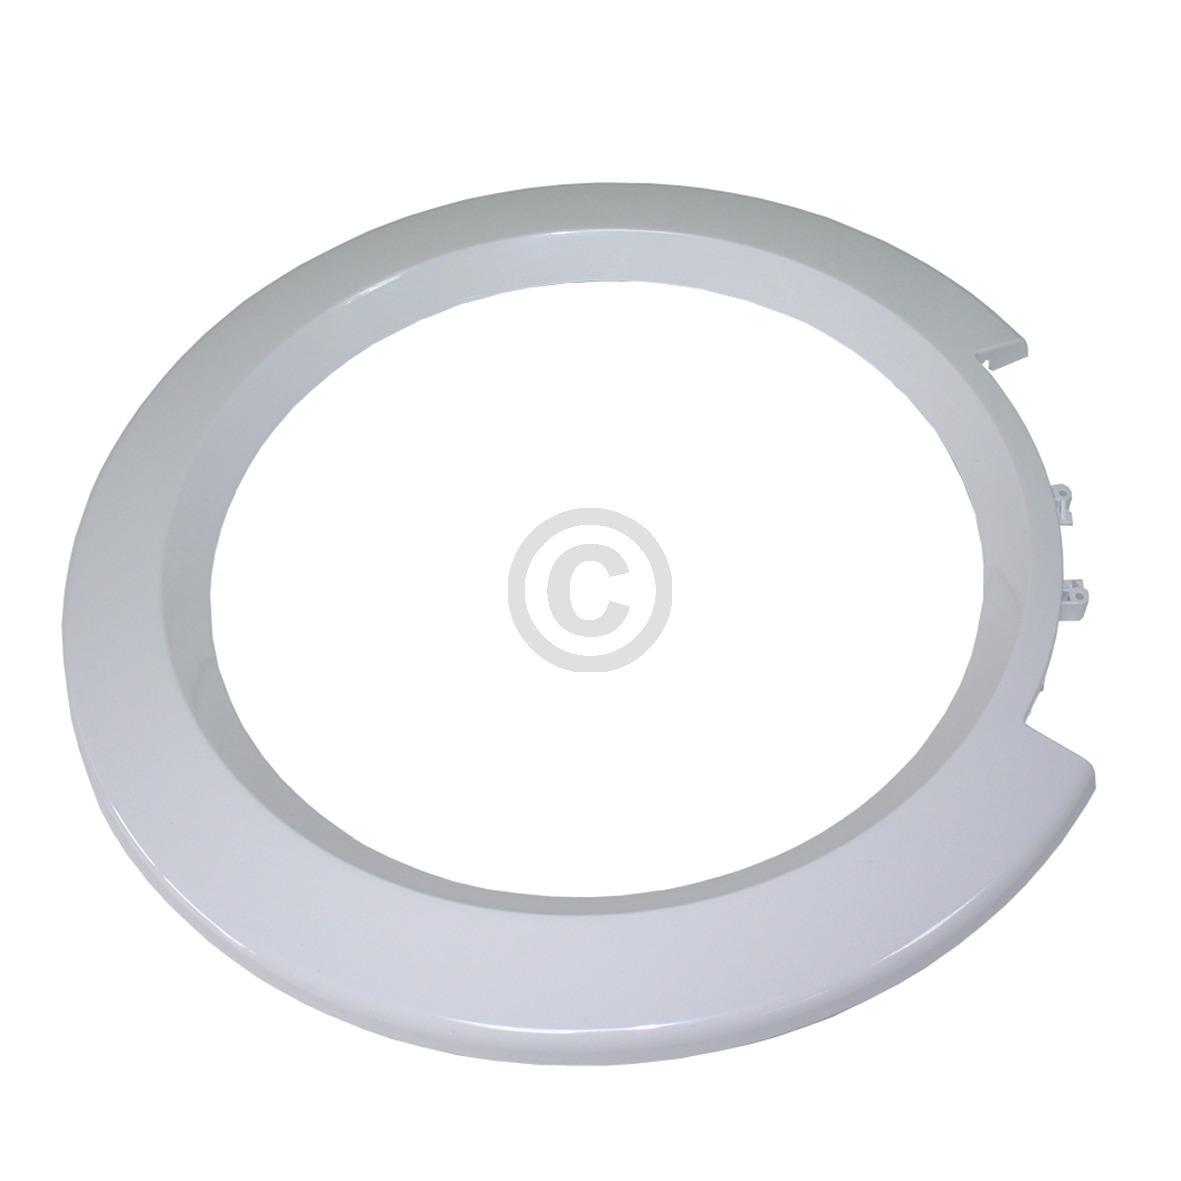 Türring außen, weiß 00366232 366232 Bosch, Siemens, Neff